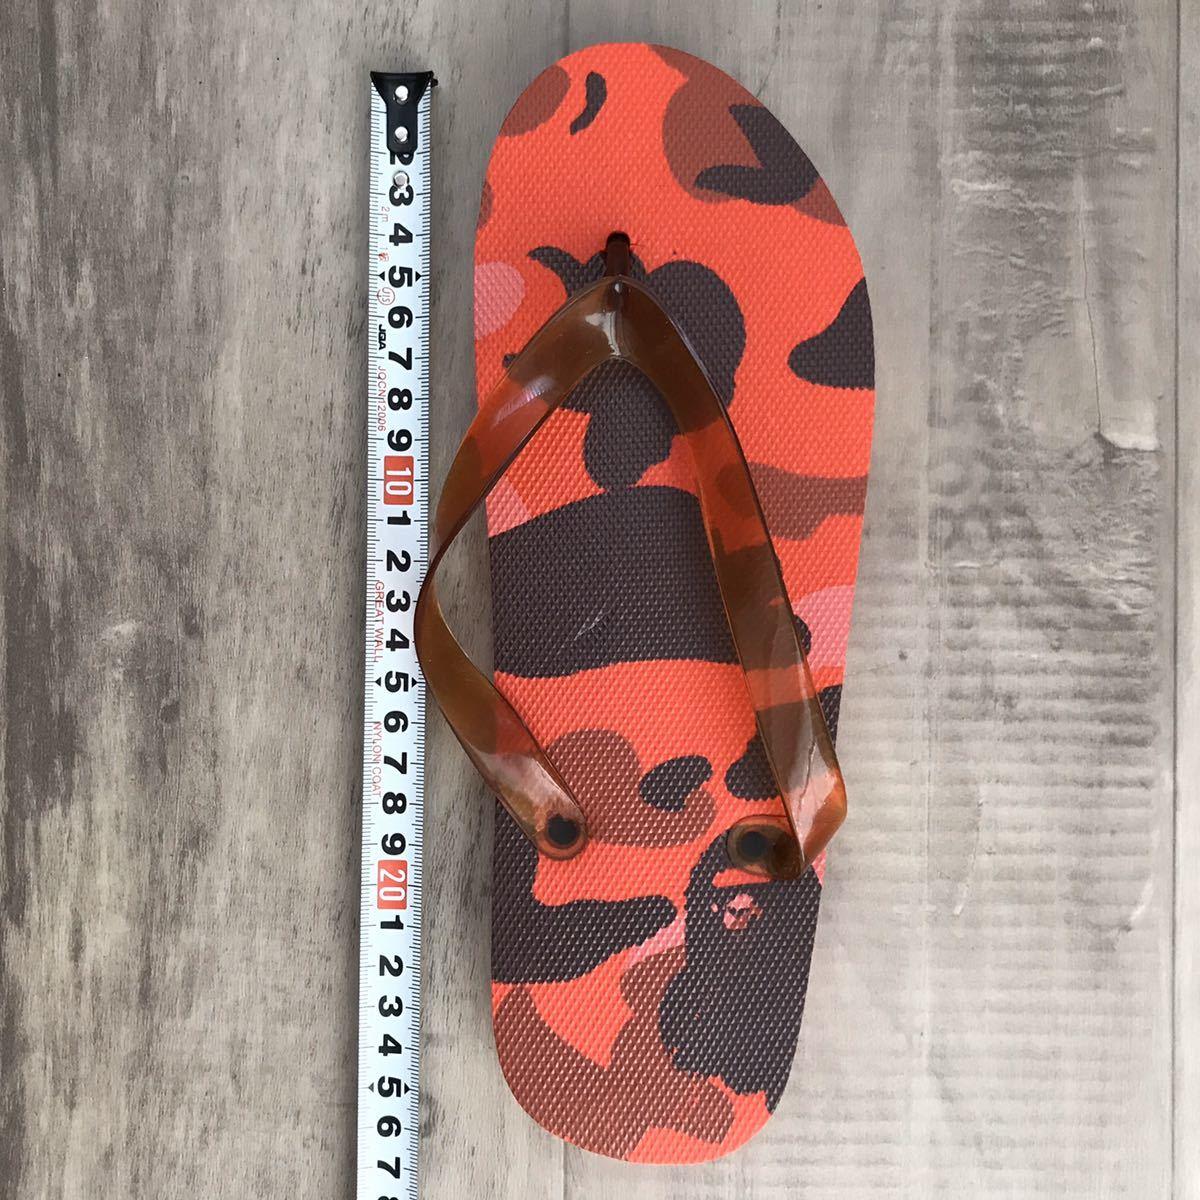 ★新品★ pharrell camo ビーチサンダル a bathing ape bape サンダル エイプ ベイプ アベイシングエイプ 迷彩 nigo red camo sandals